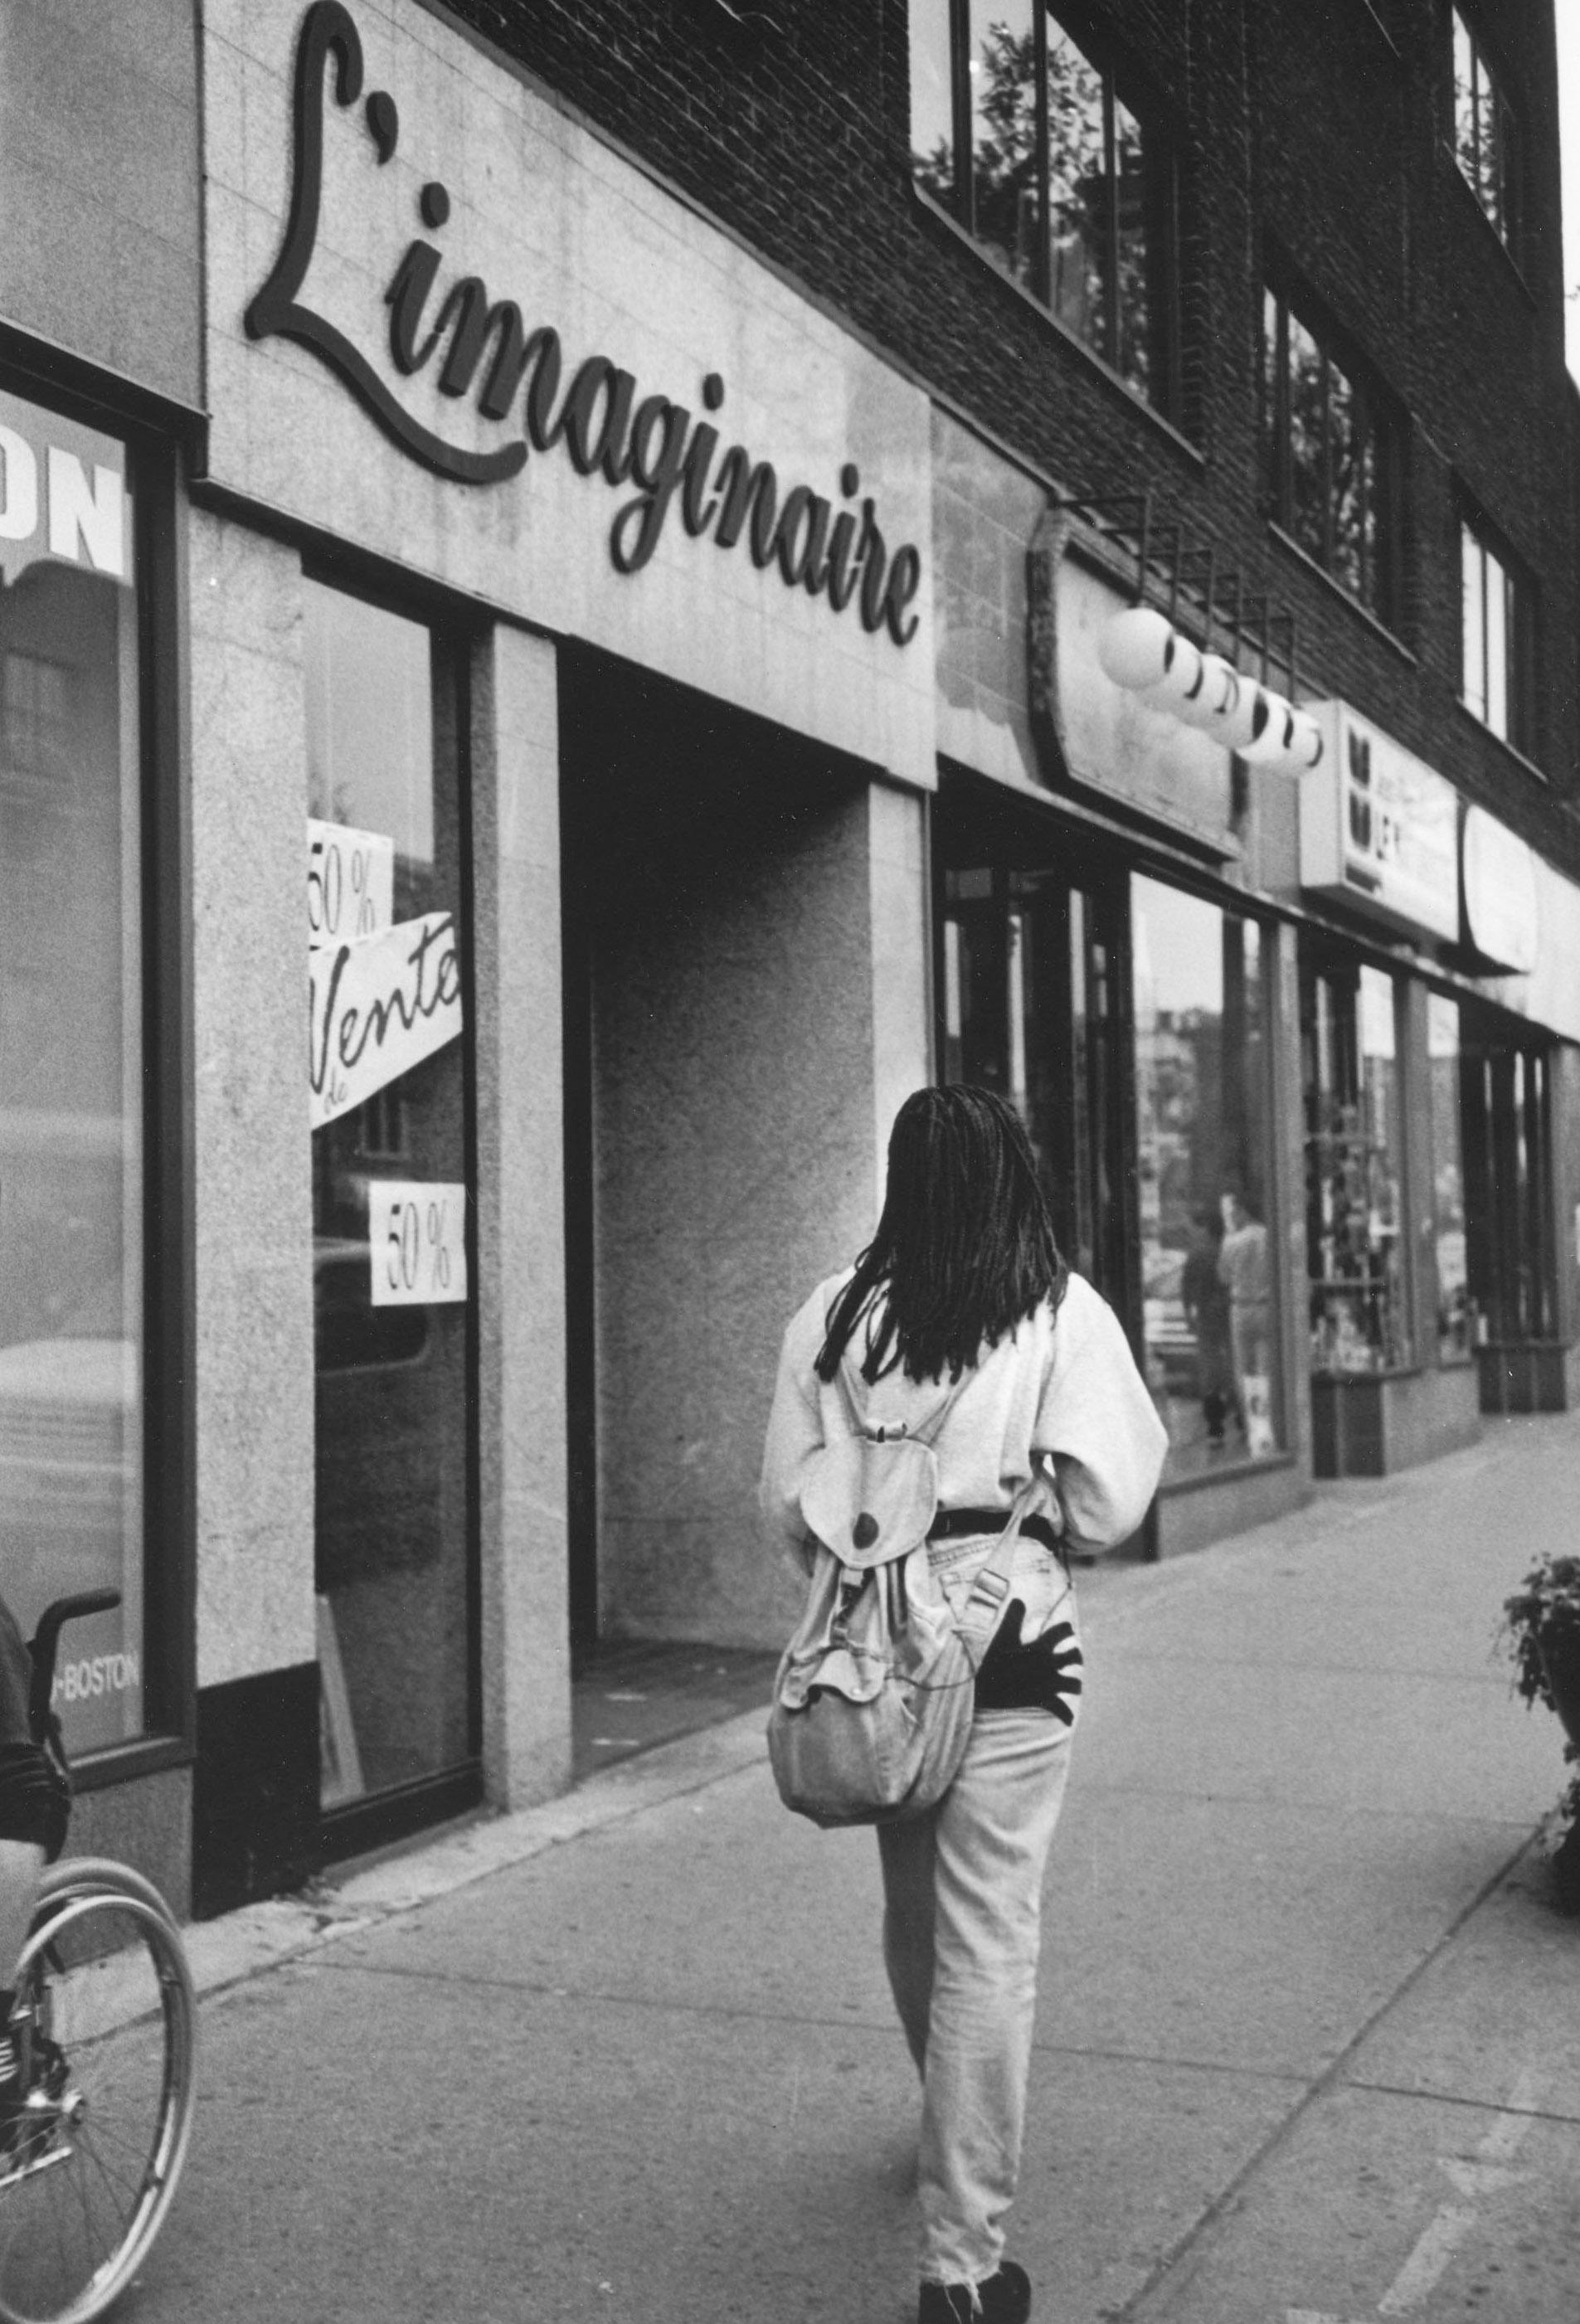 L'imaginaire, Montréal 1994